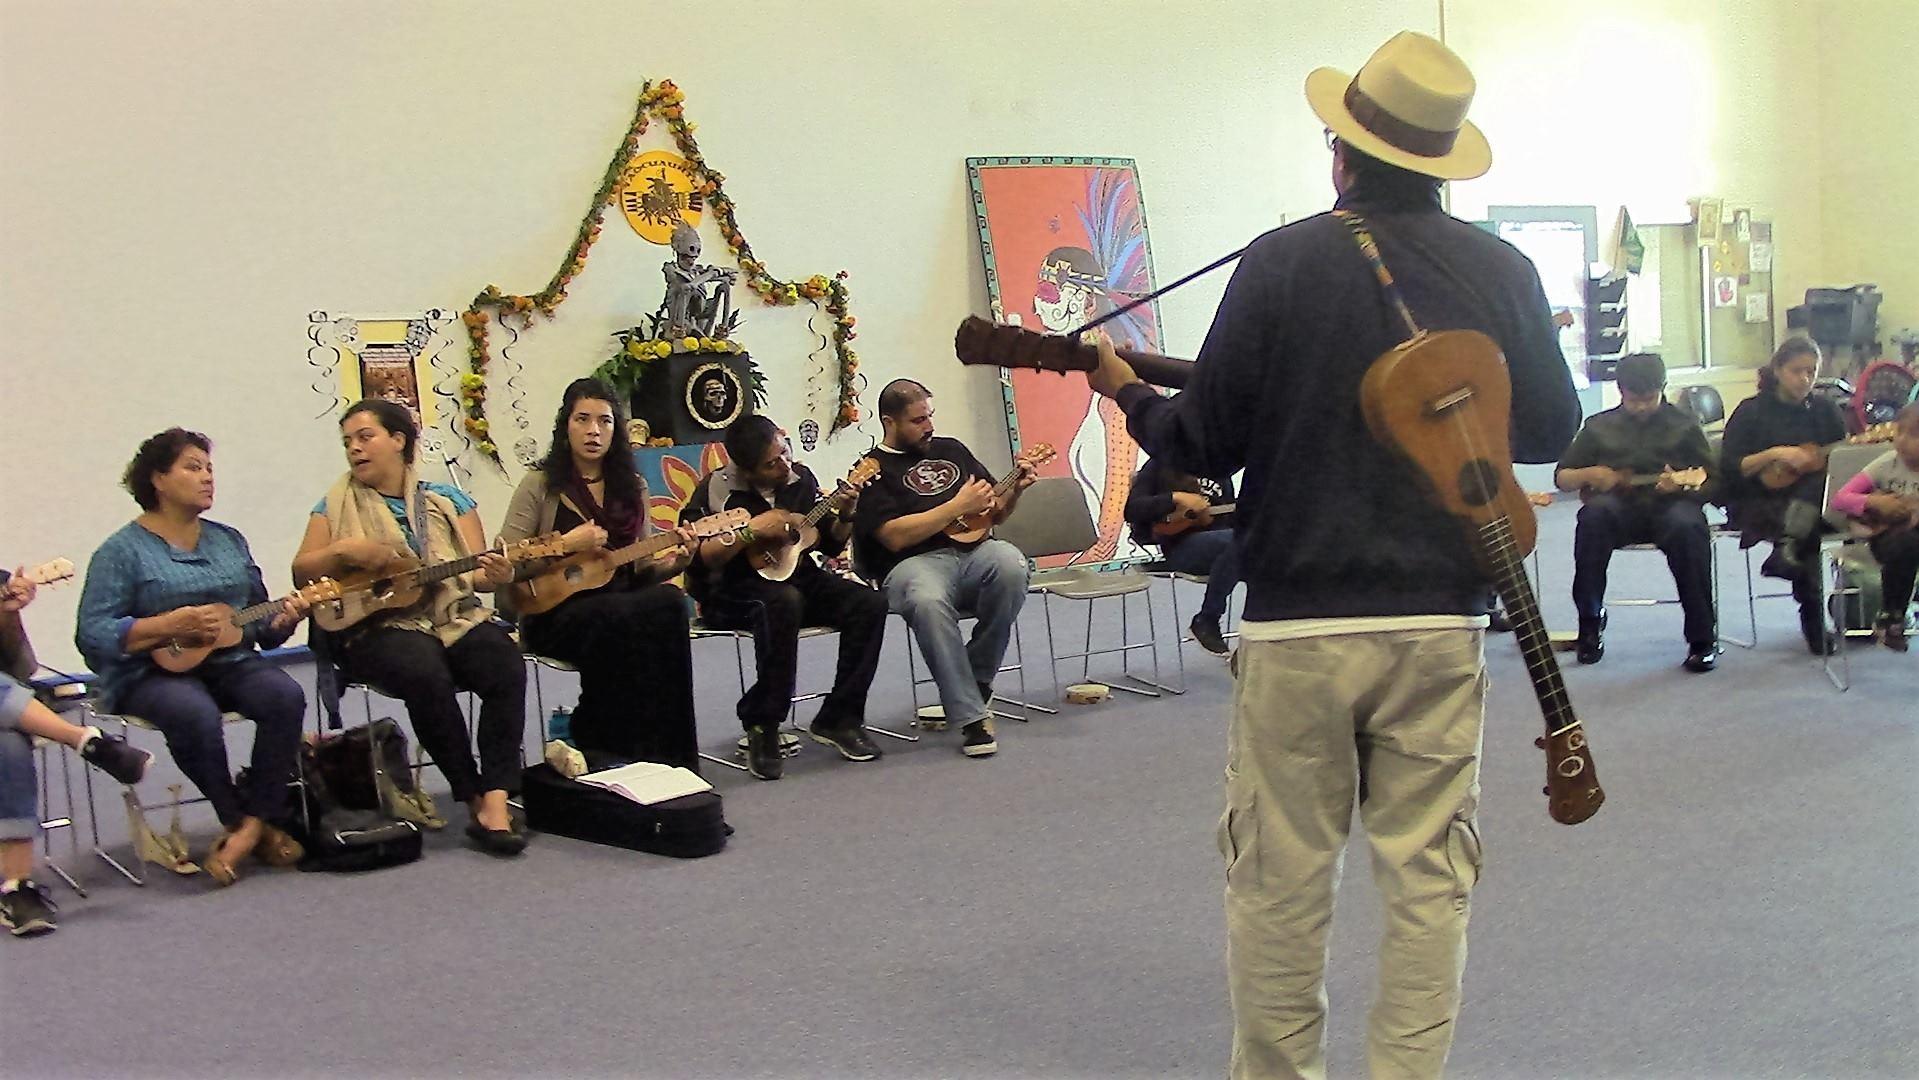 People playing on guitar/ukulele